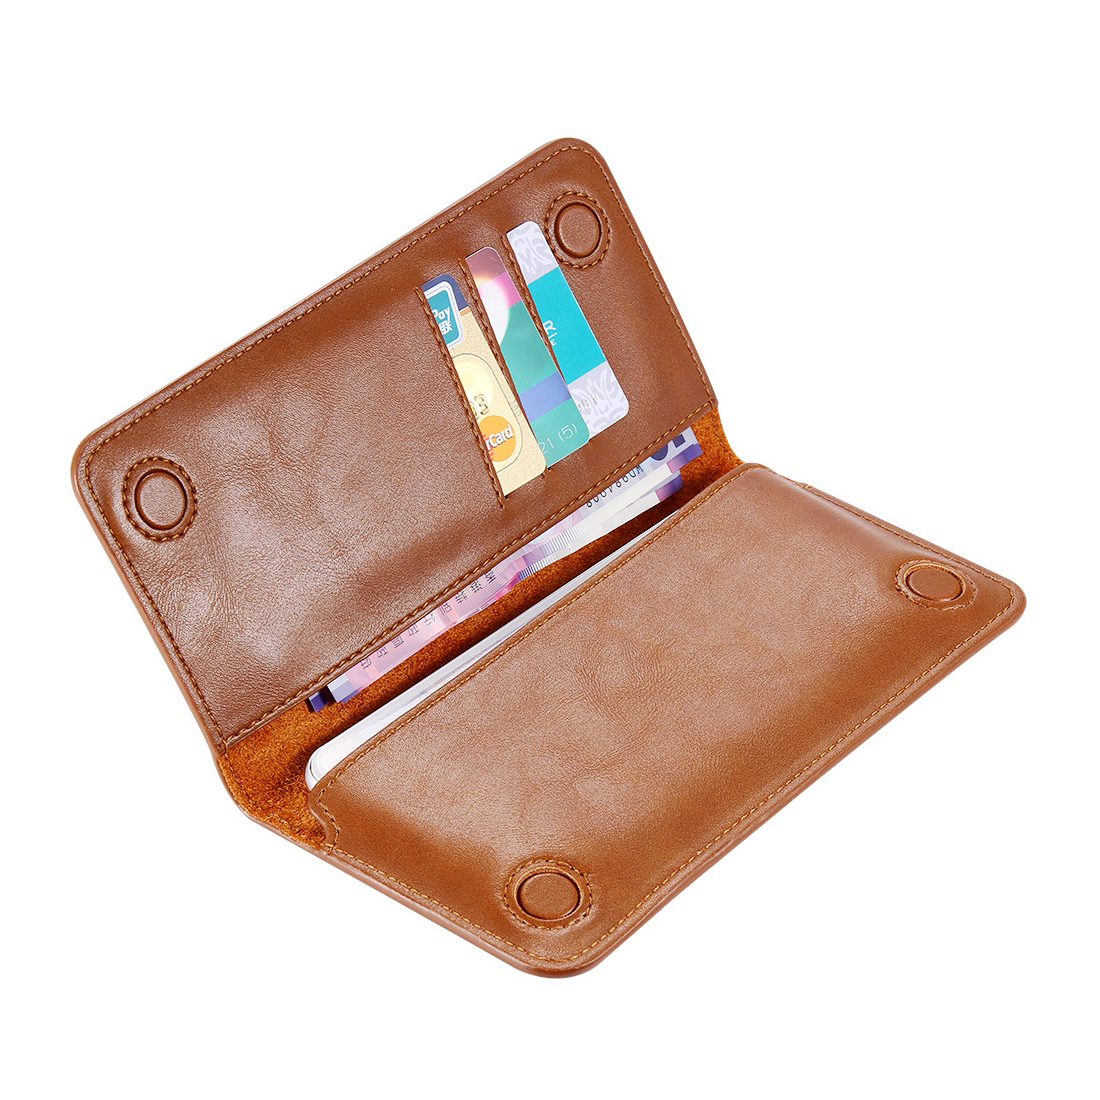 Peňaženkové púzdro pre všetky modely iPhonov v rôznych farbách 6e0549f5ef0